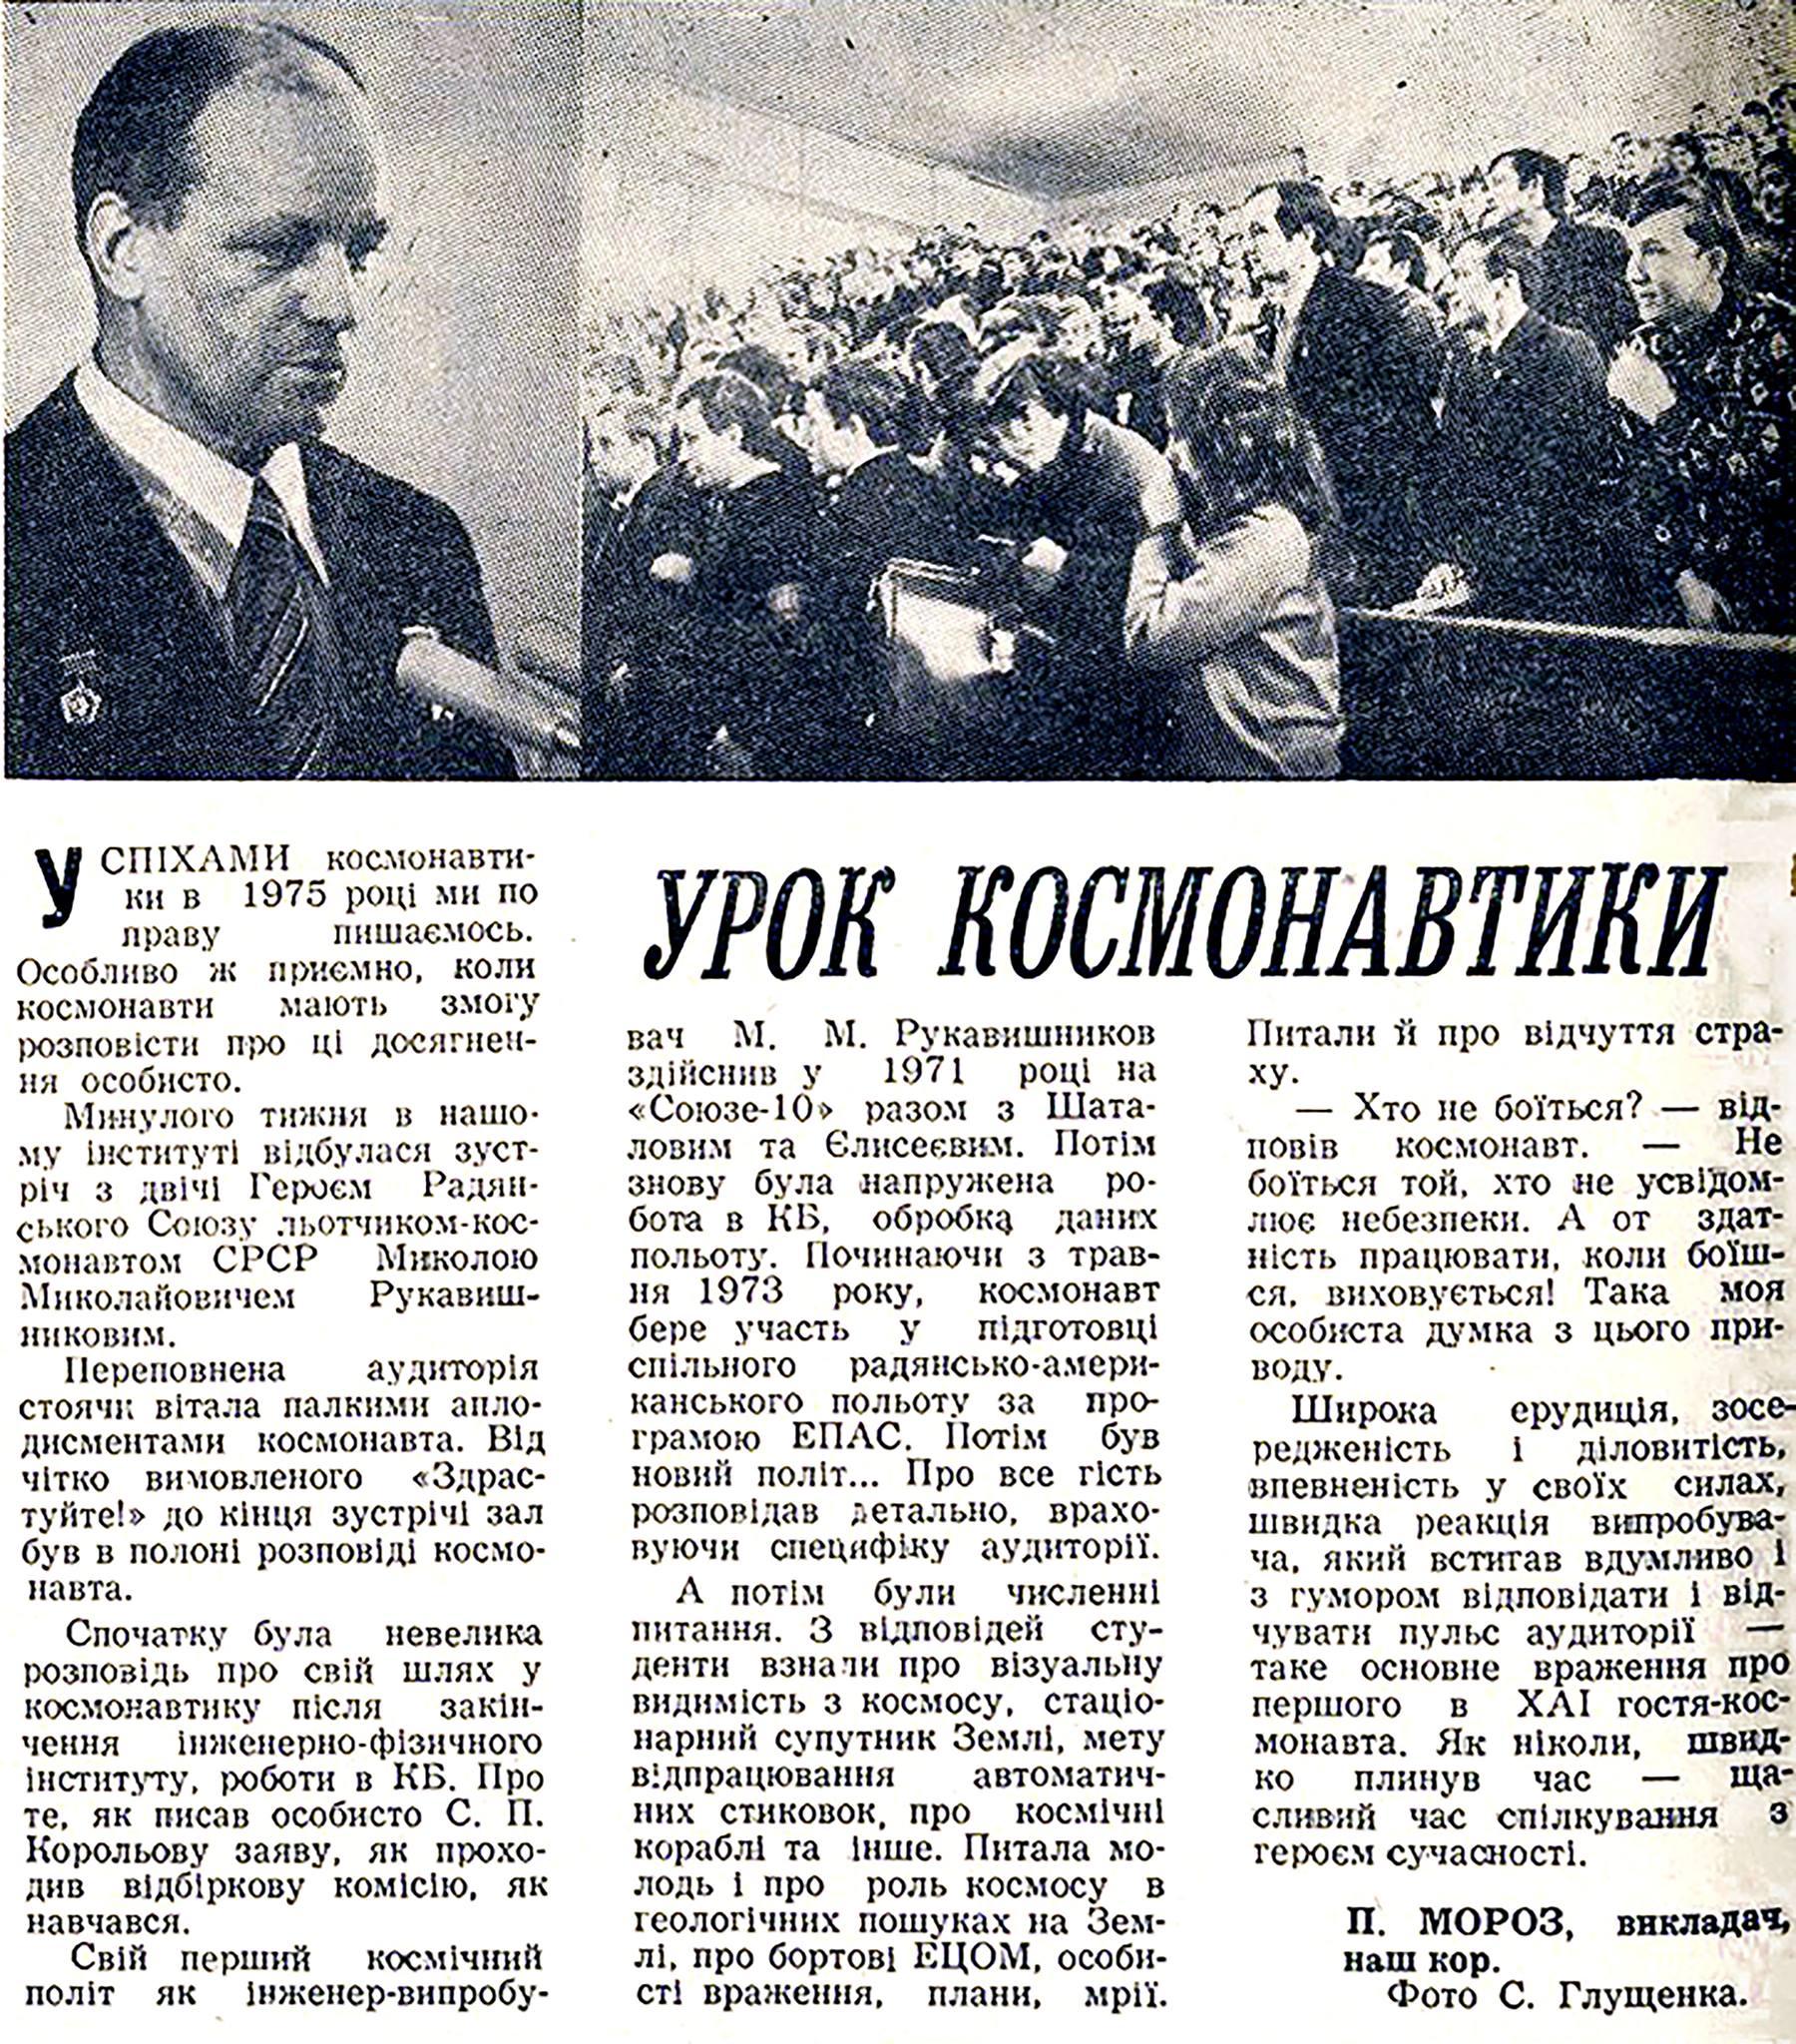 какое событие произошло 12 апреля 1961 года